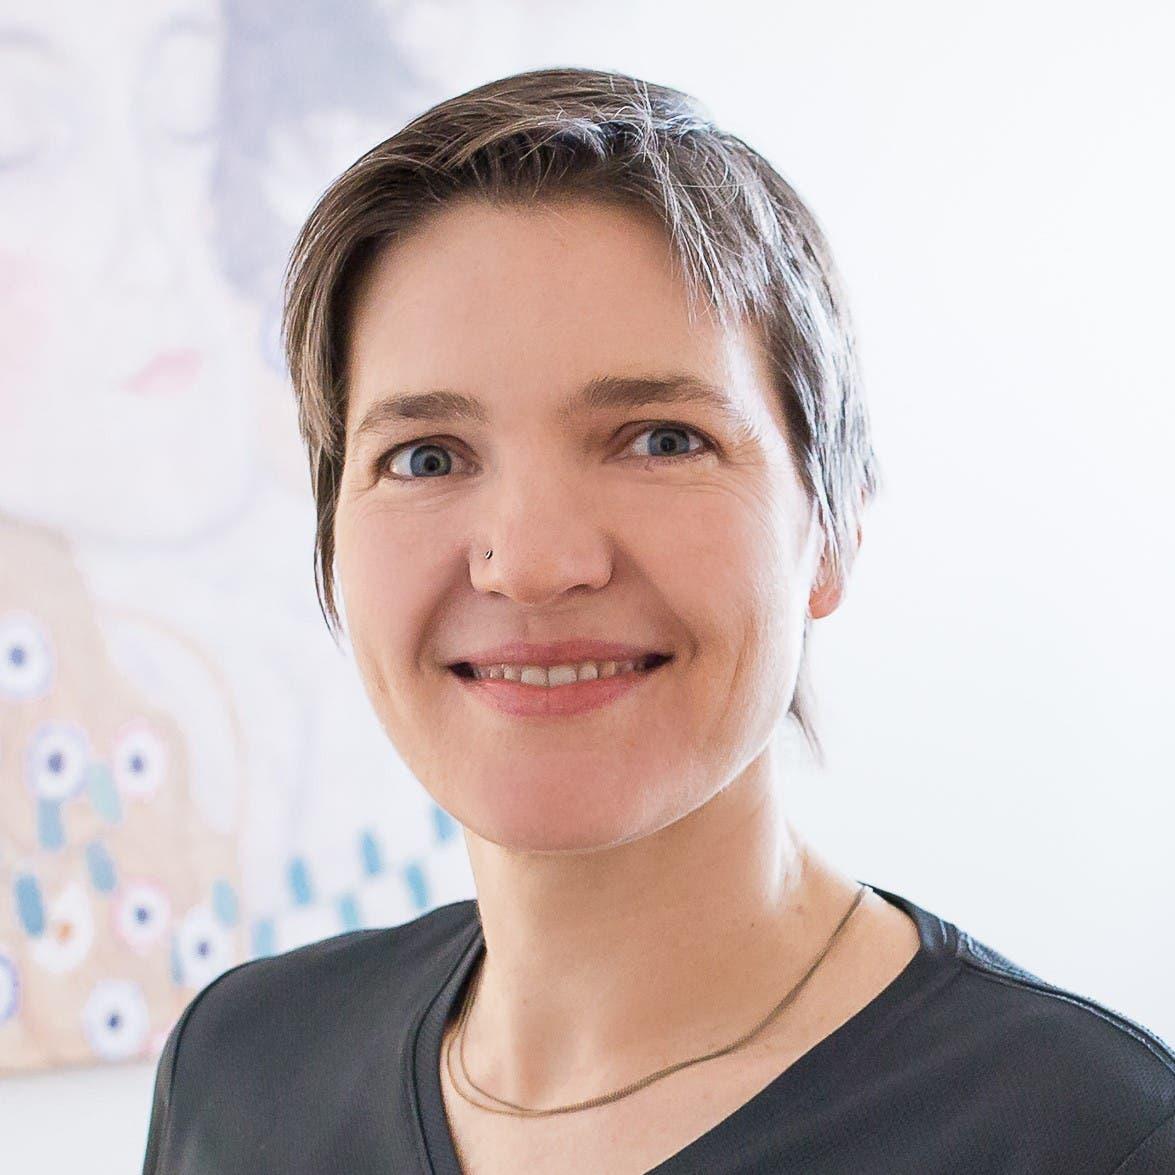 Die Hebamme und zertifizierte Stillberaterin Simone Lehwald ist Mitarbeiterin am Europäischen Institut für Stillen und Laktation.